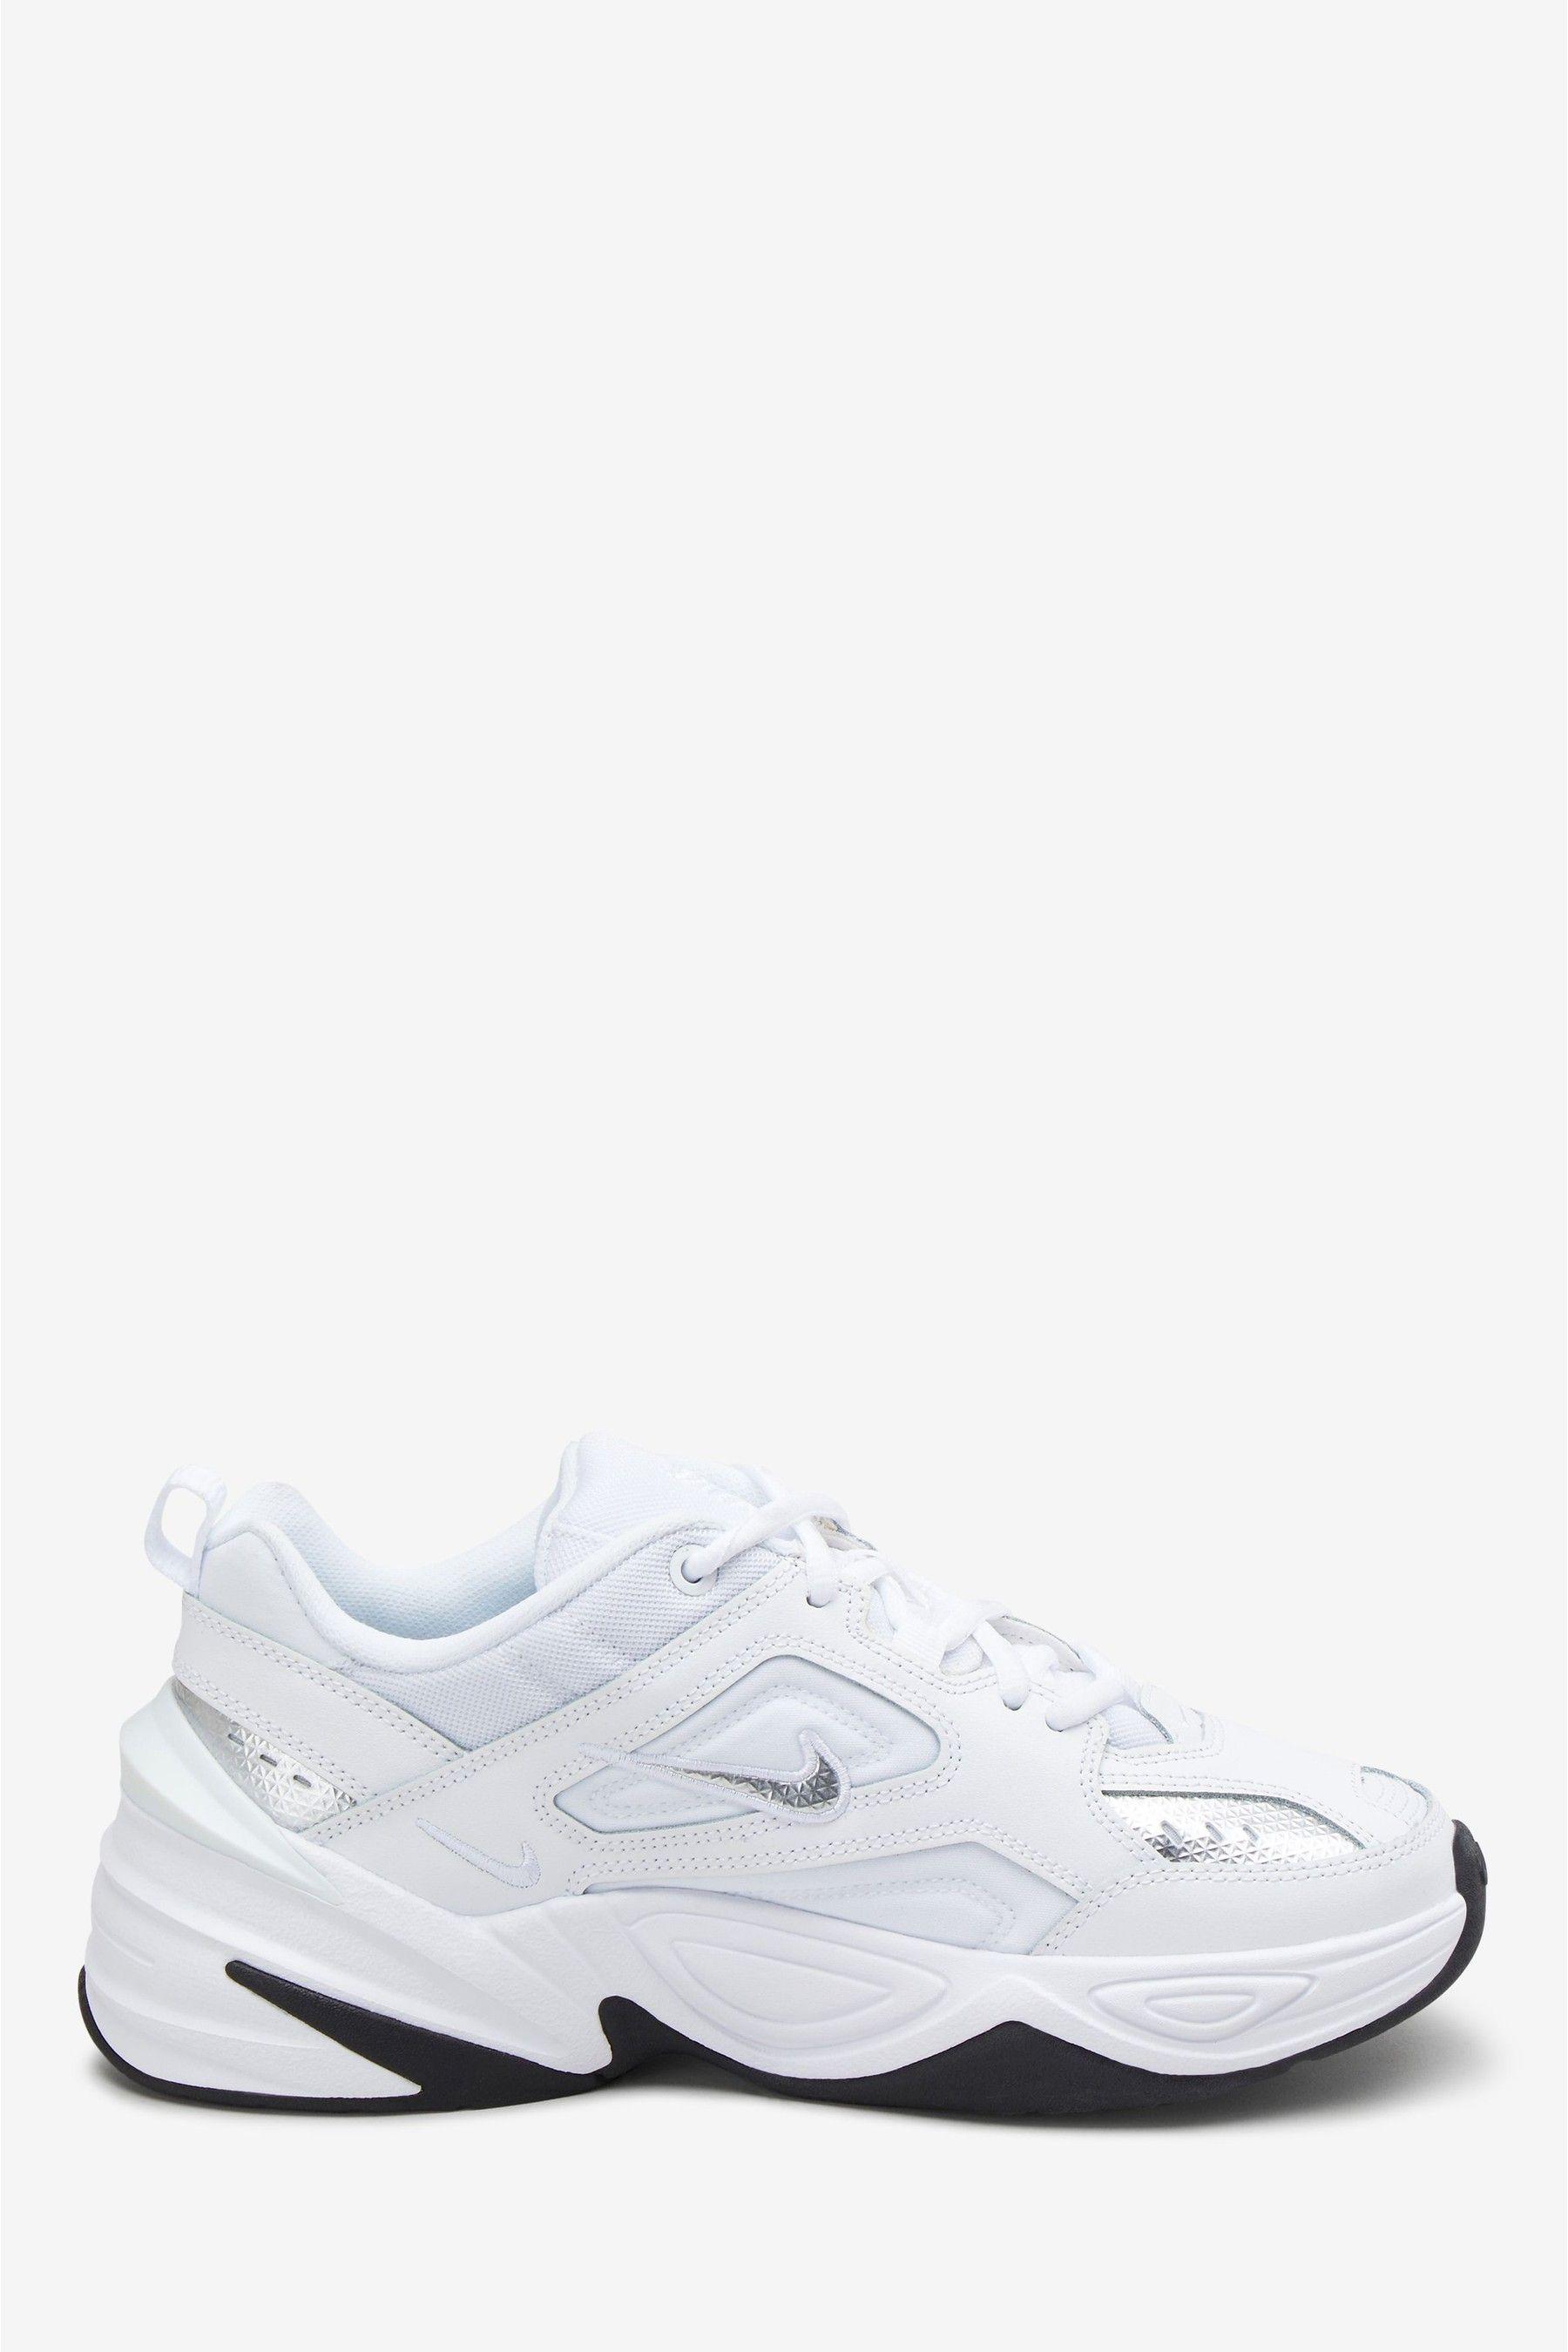 Womens Nike M2k Tekno Trainers White in 2020 | Nike, Nike